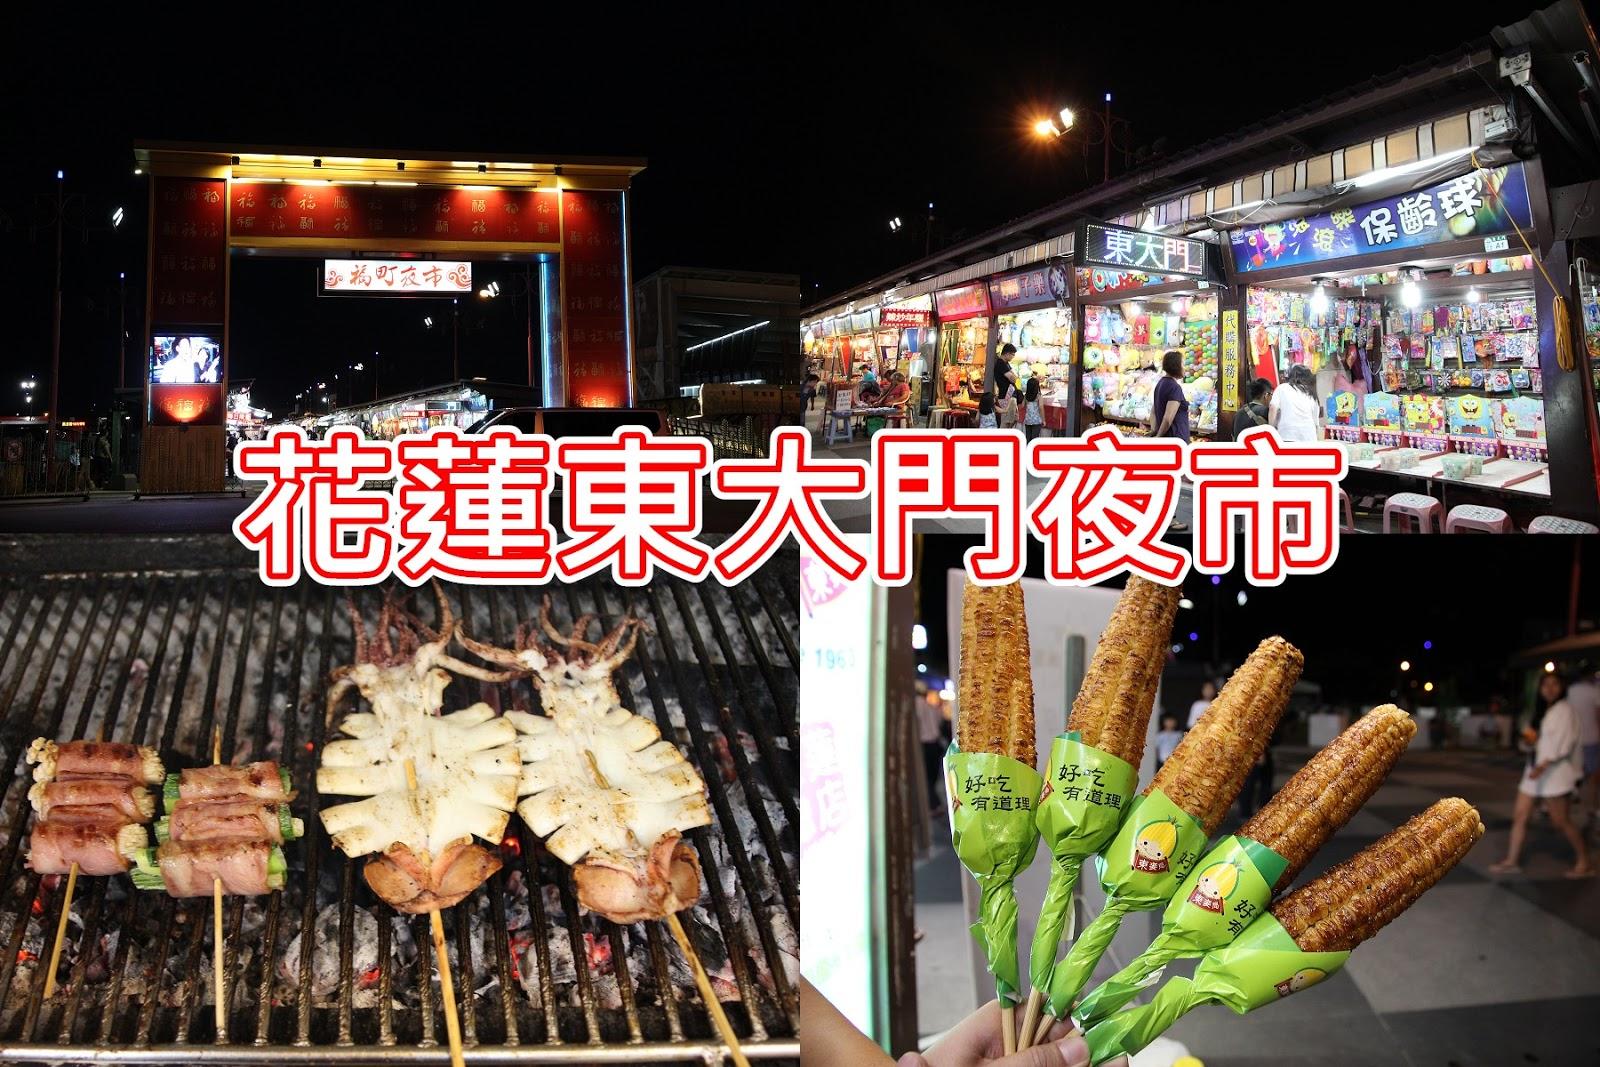 花蓮最大東大門夜市 好玩好吃 原住民美食 品嚐各式地道小吃美食